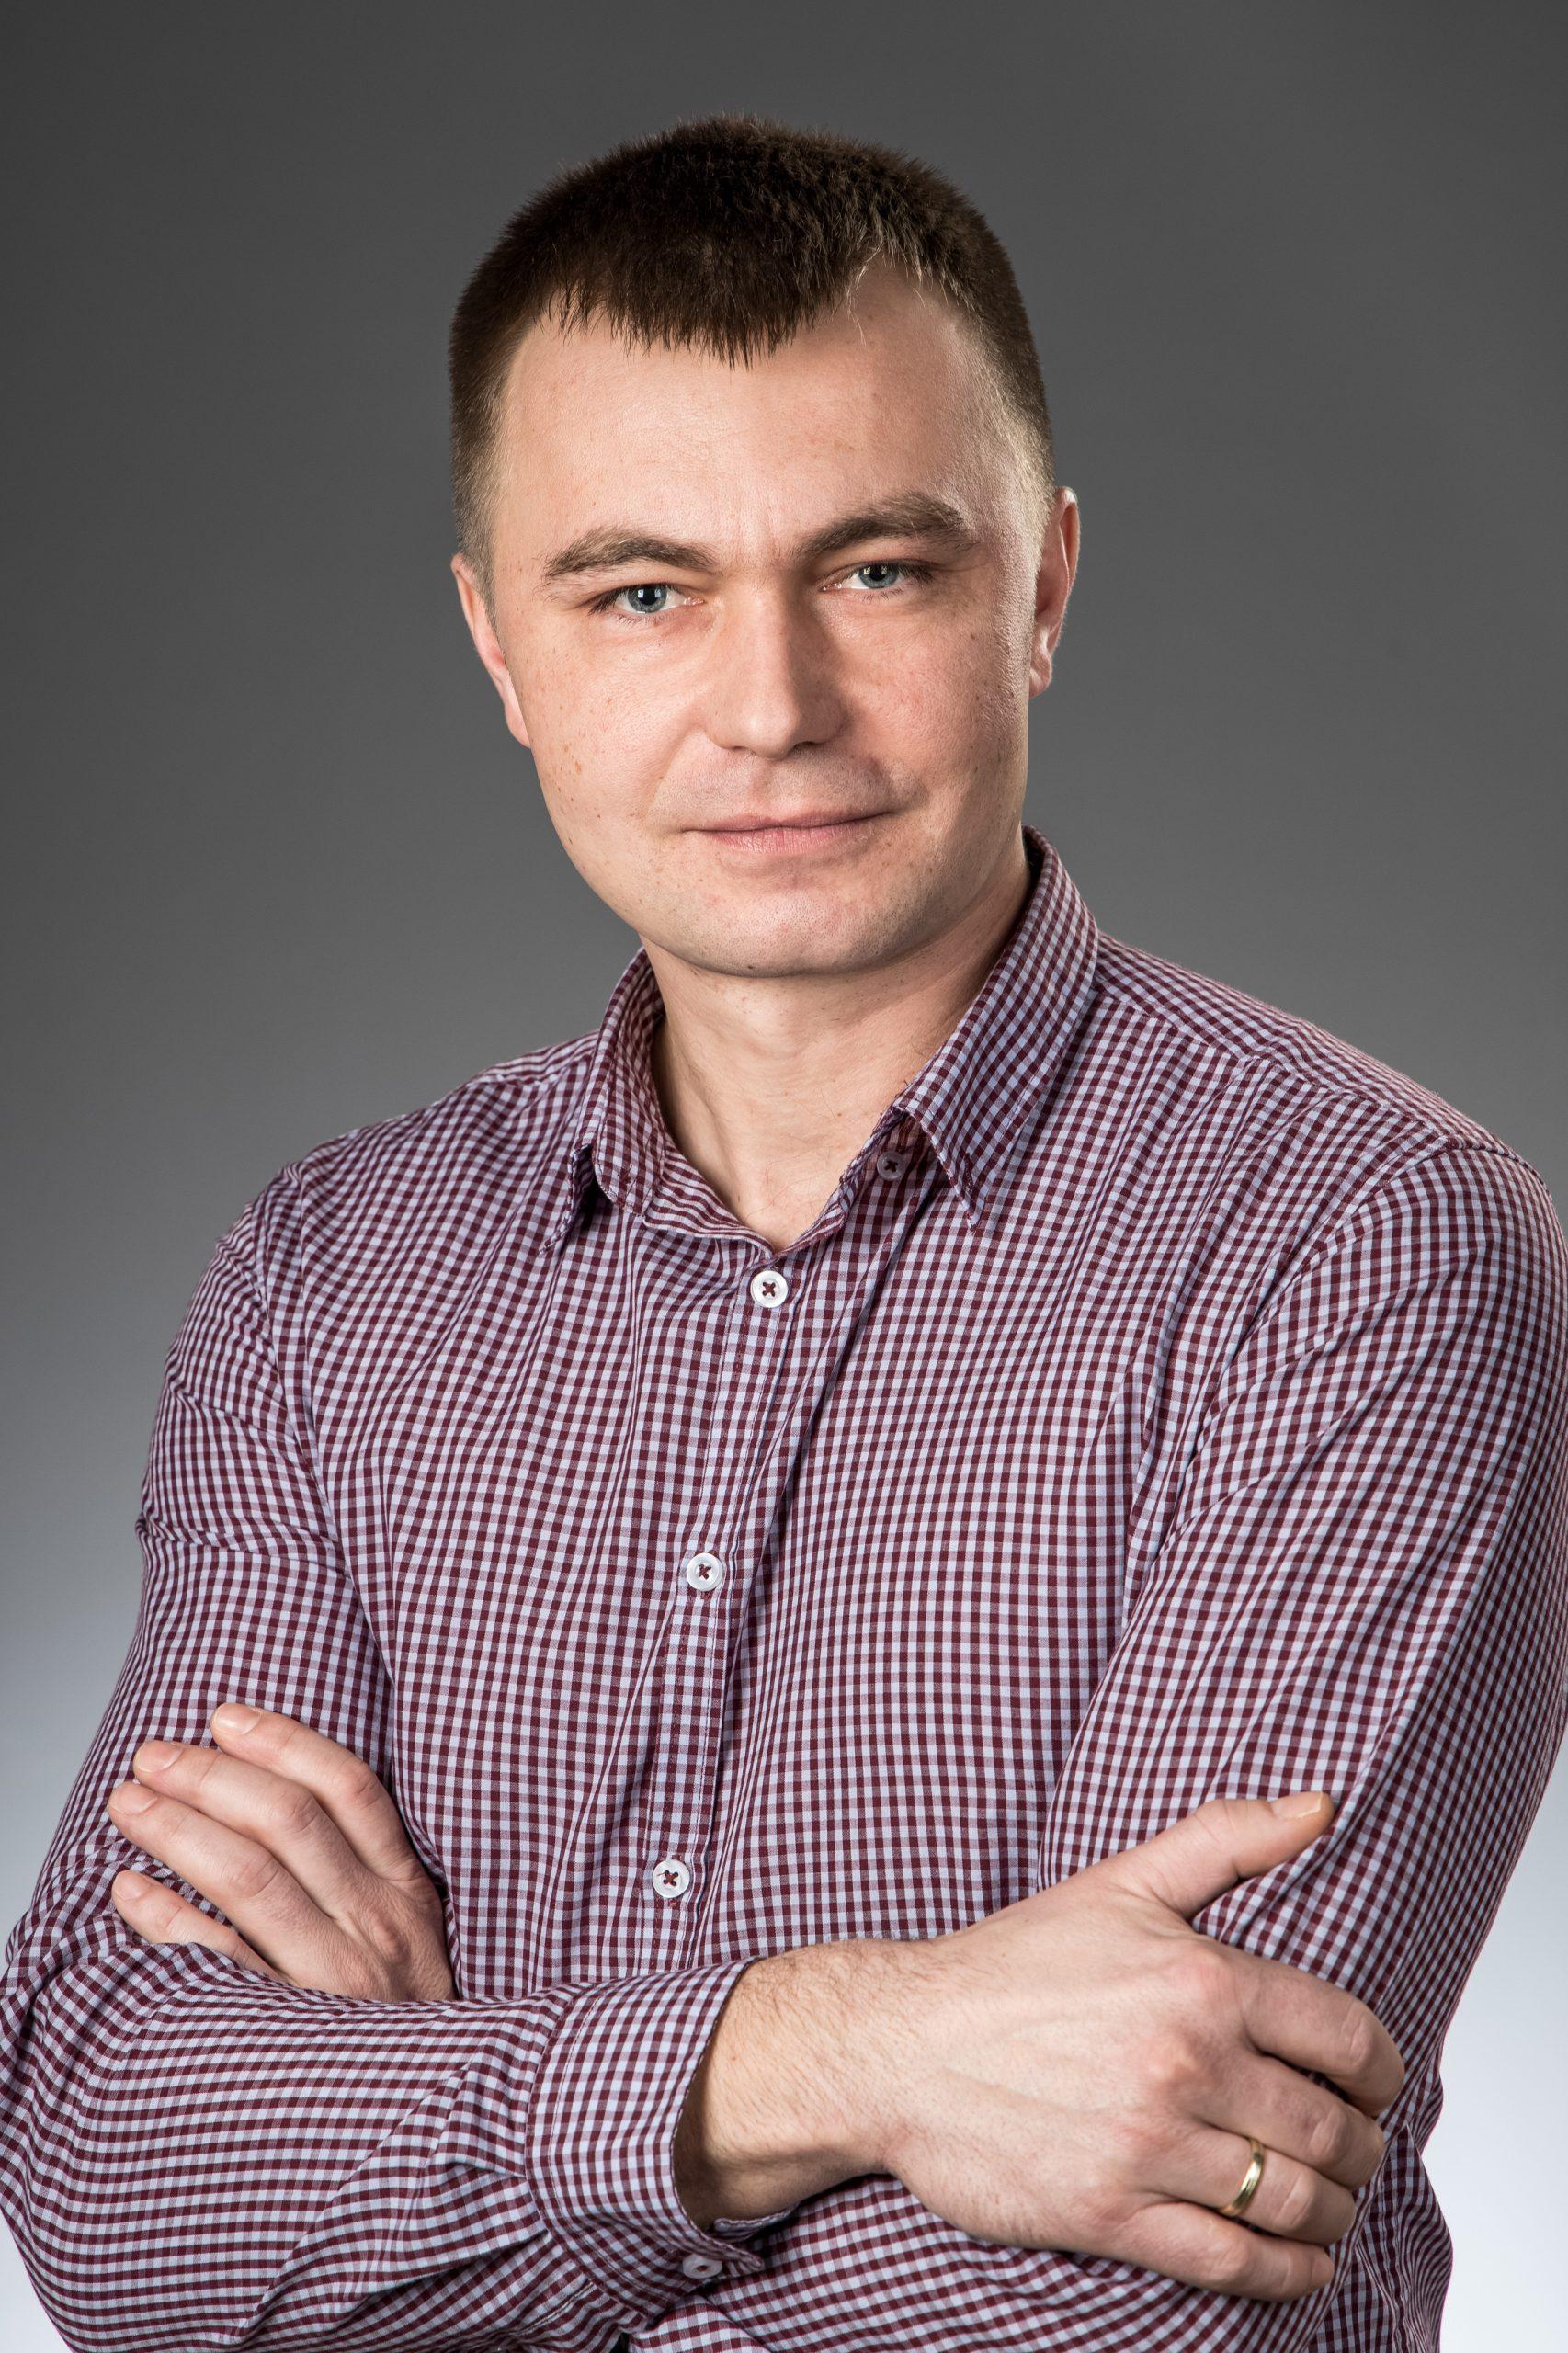 Arkadiusz Wawrzyniak